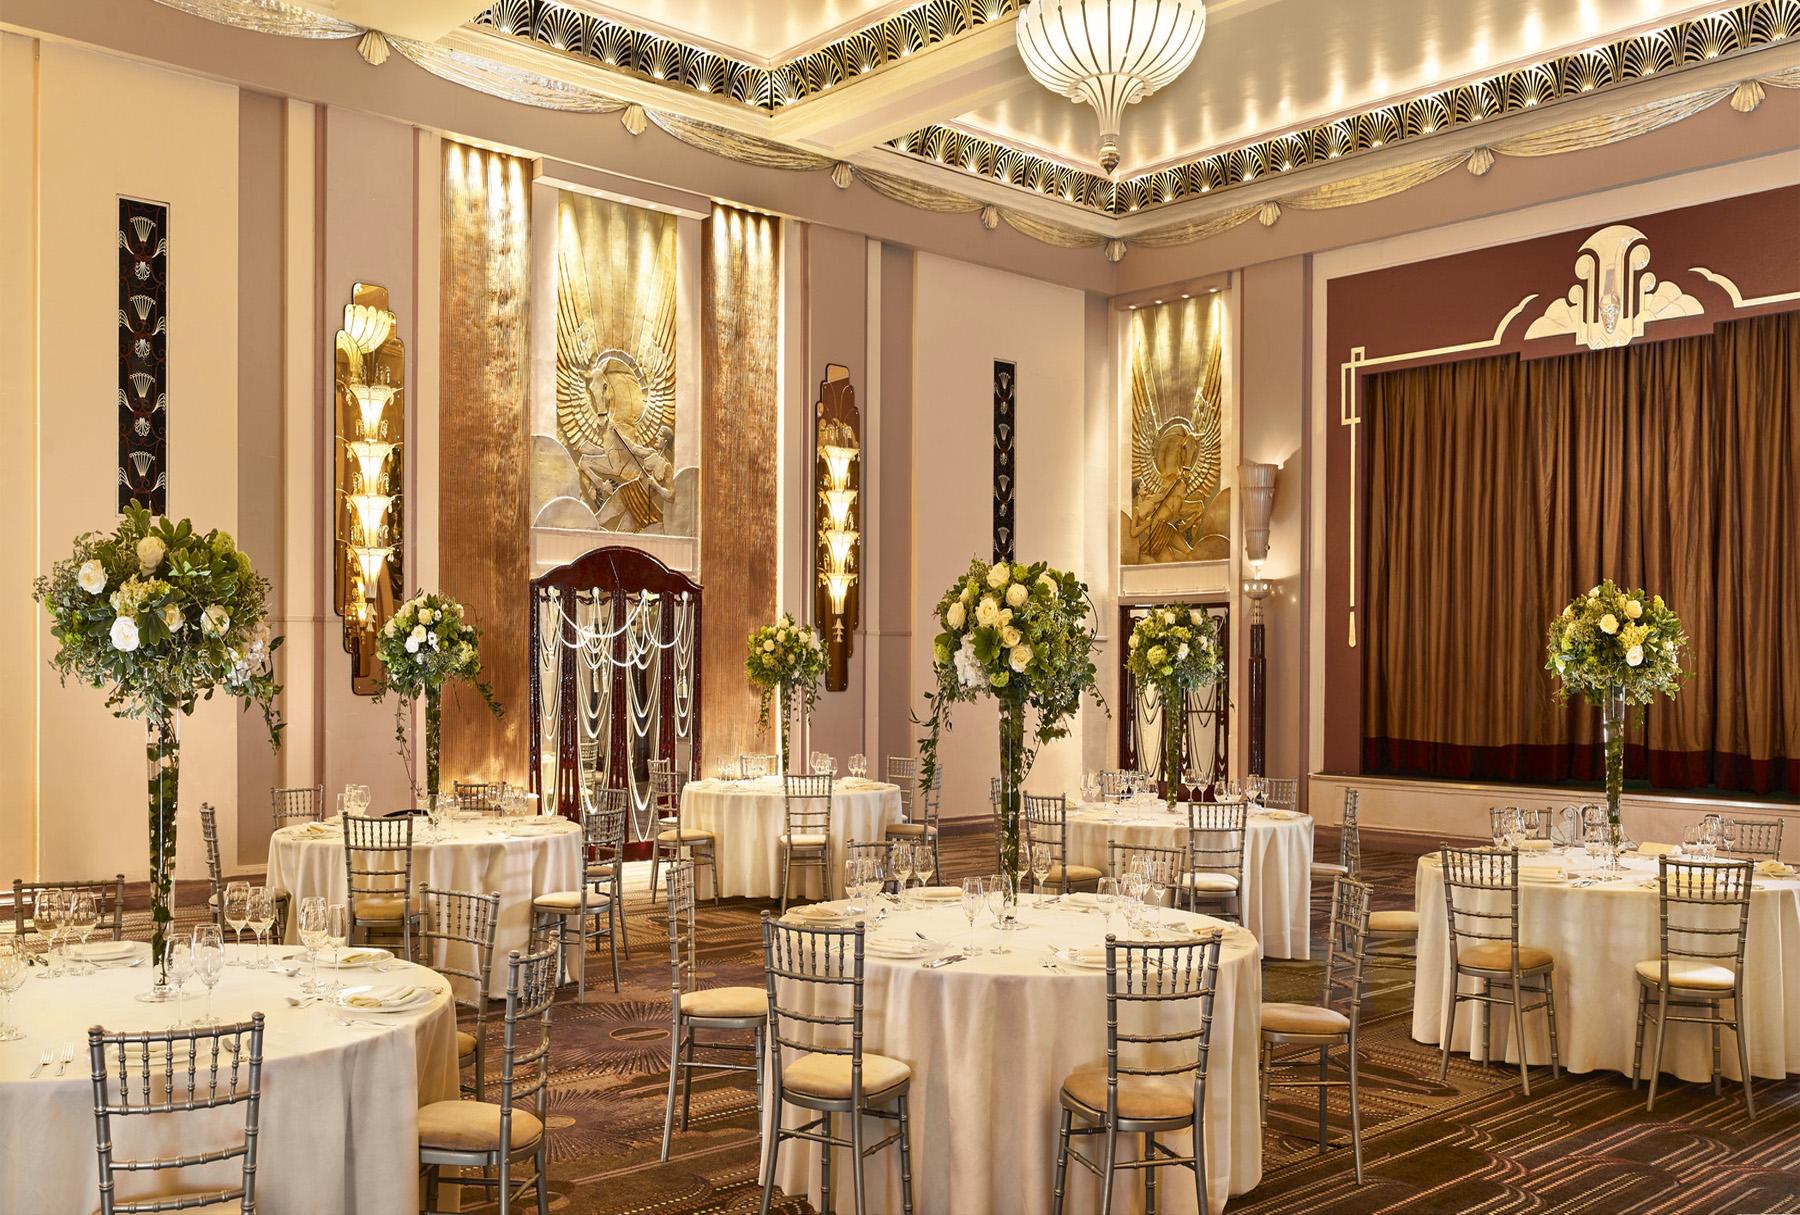 longr-ballroom